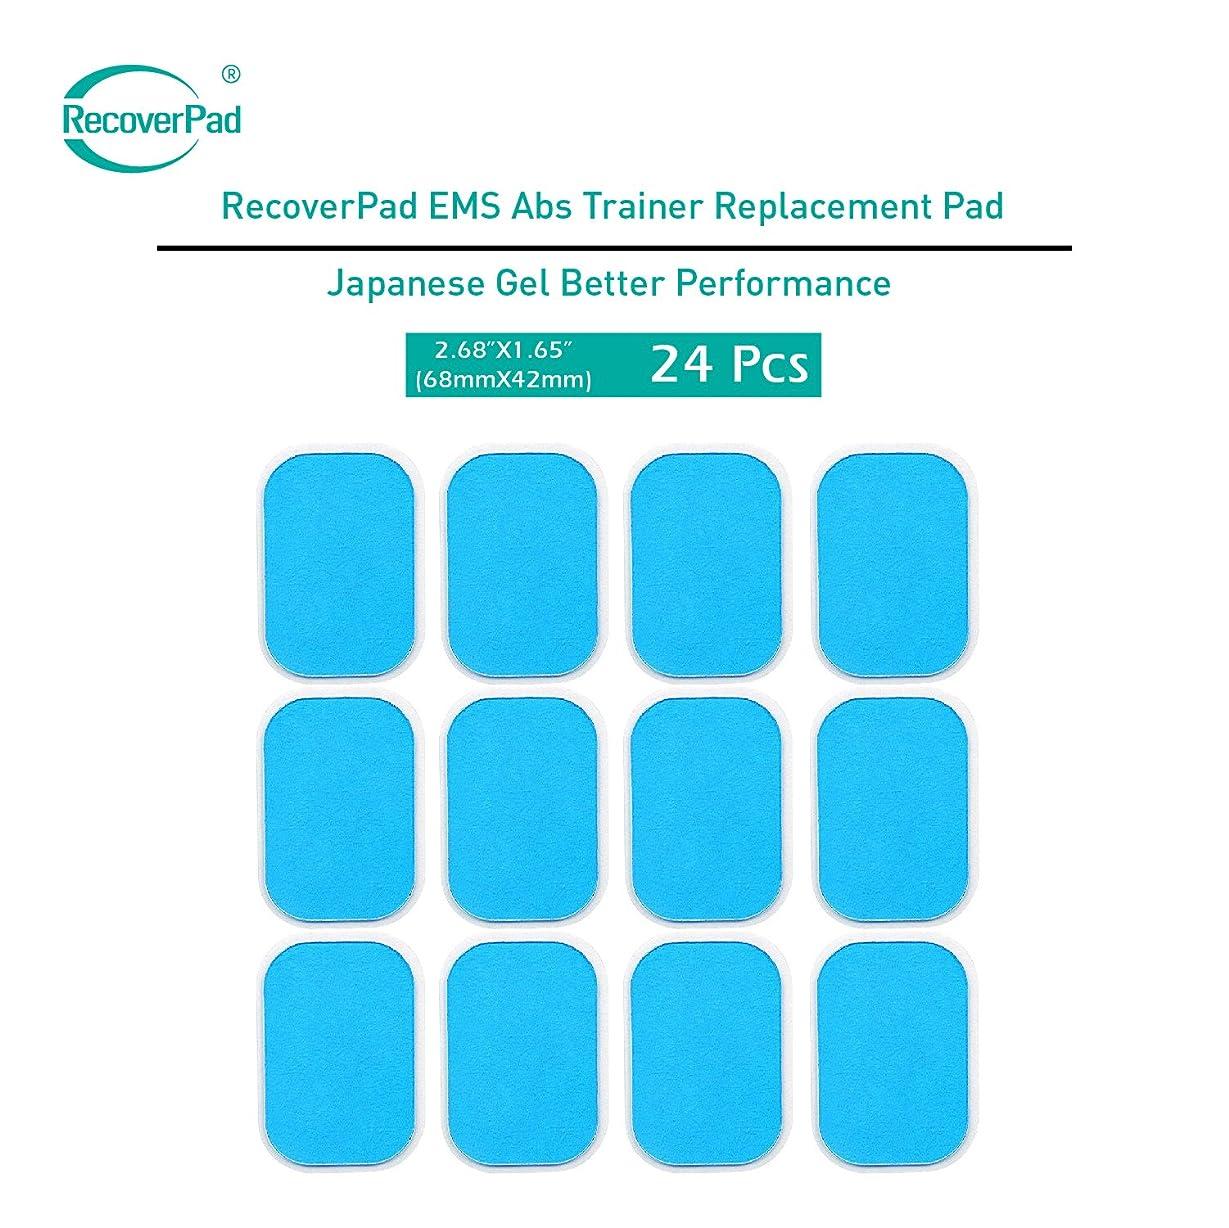 軍団蜜人間RecoverPad 24 Pads of EMS Abs Trainer Replacement Japanese Made Gel Sheet for Muscle Abdominal Ab Trainer Stimulator Gel Pads Accessories